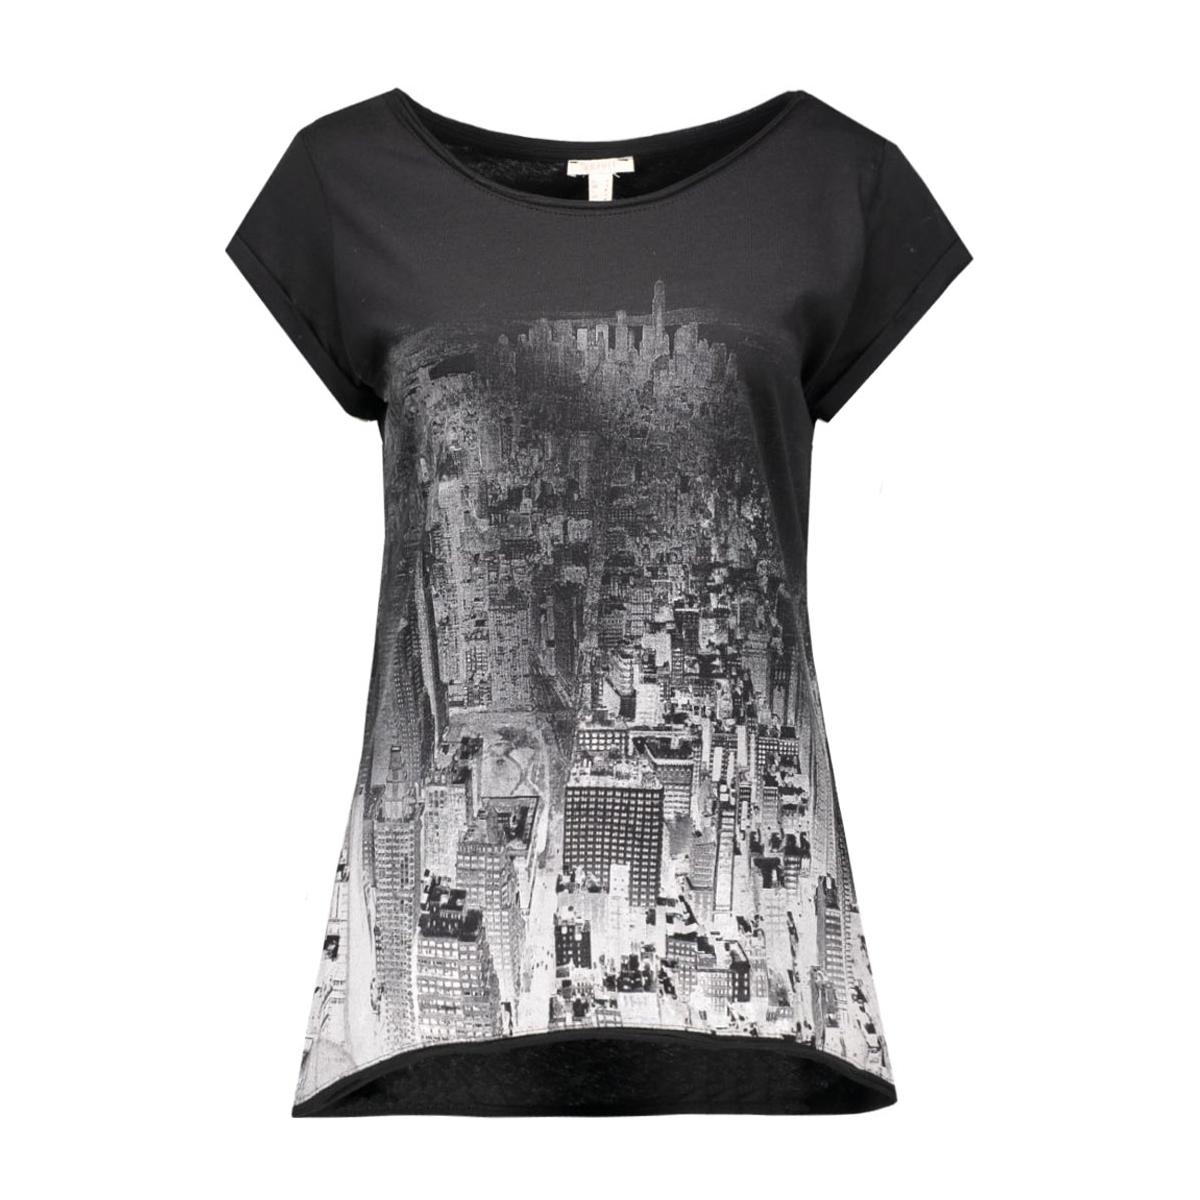 096ee1k020 esprit t-shirt e001